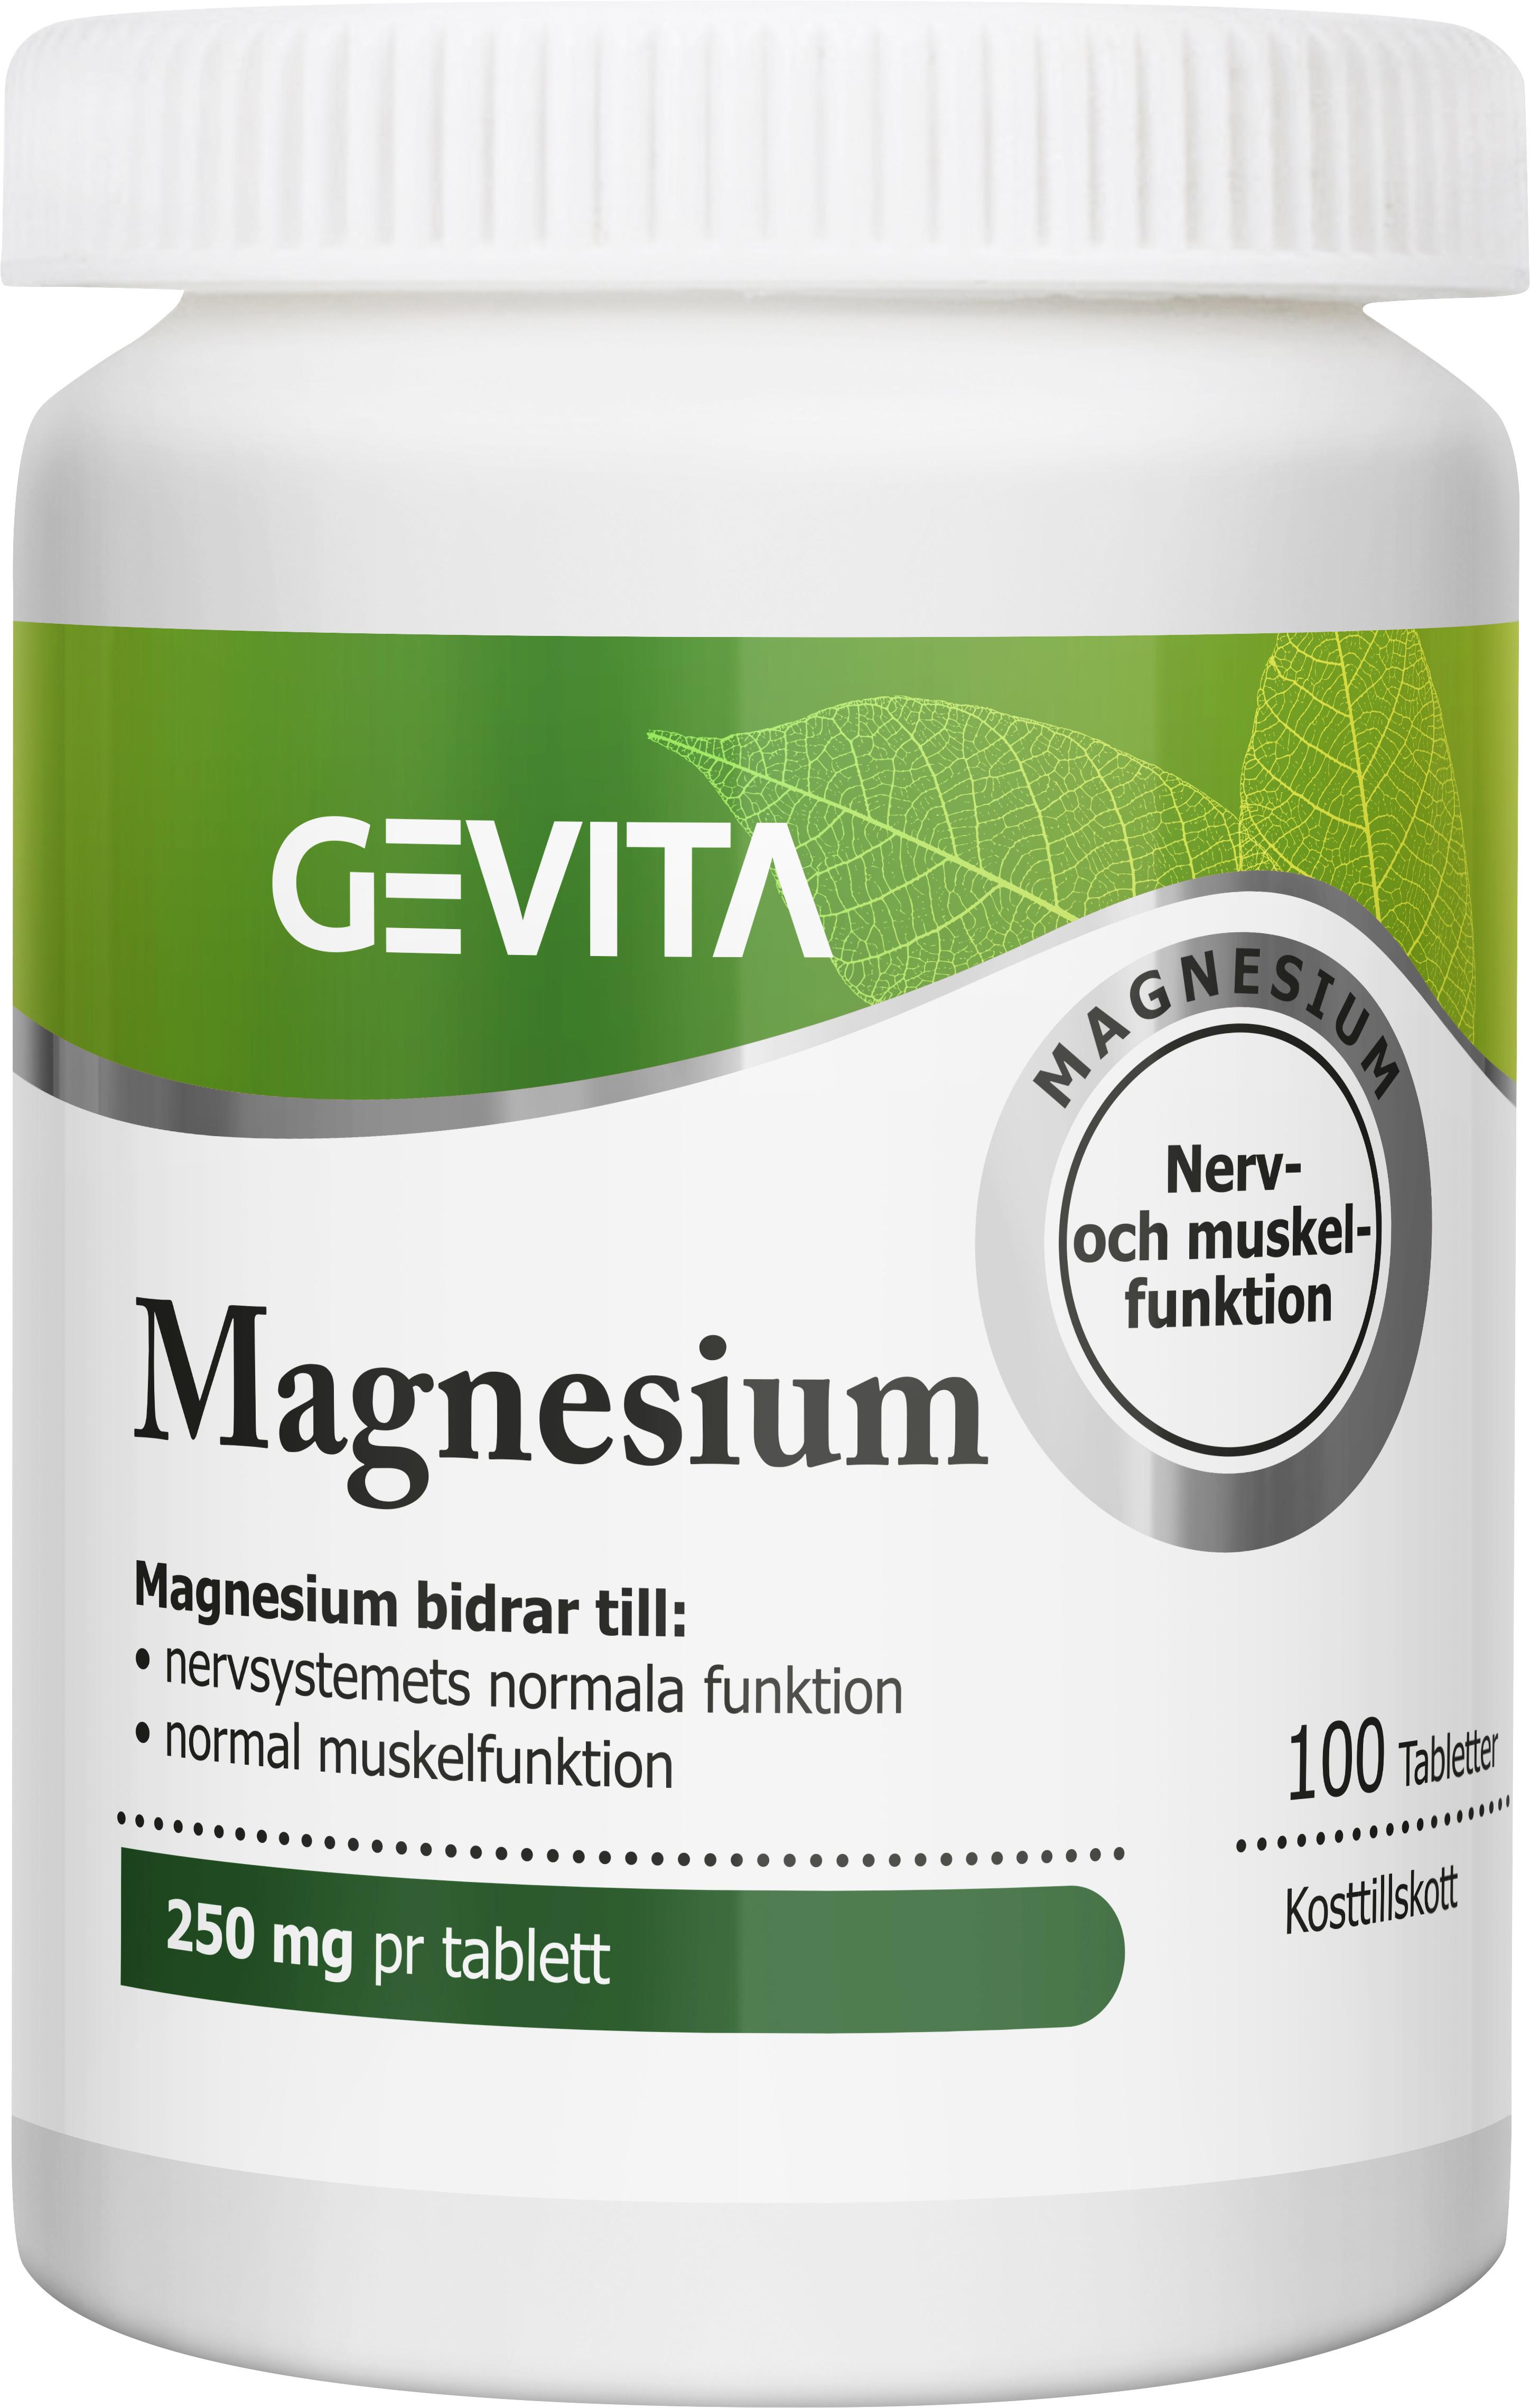 hur snabbt verkar magnesiumtillskott